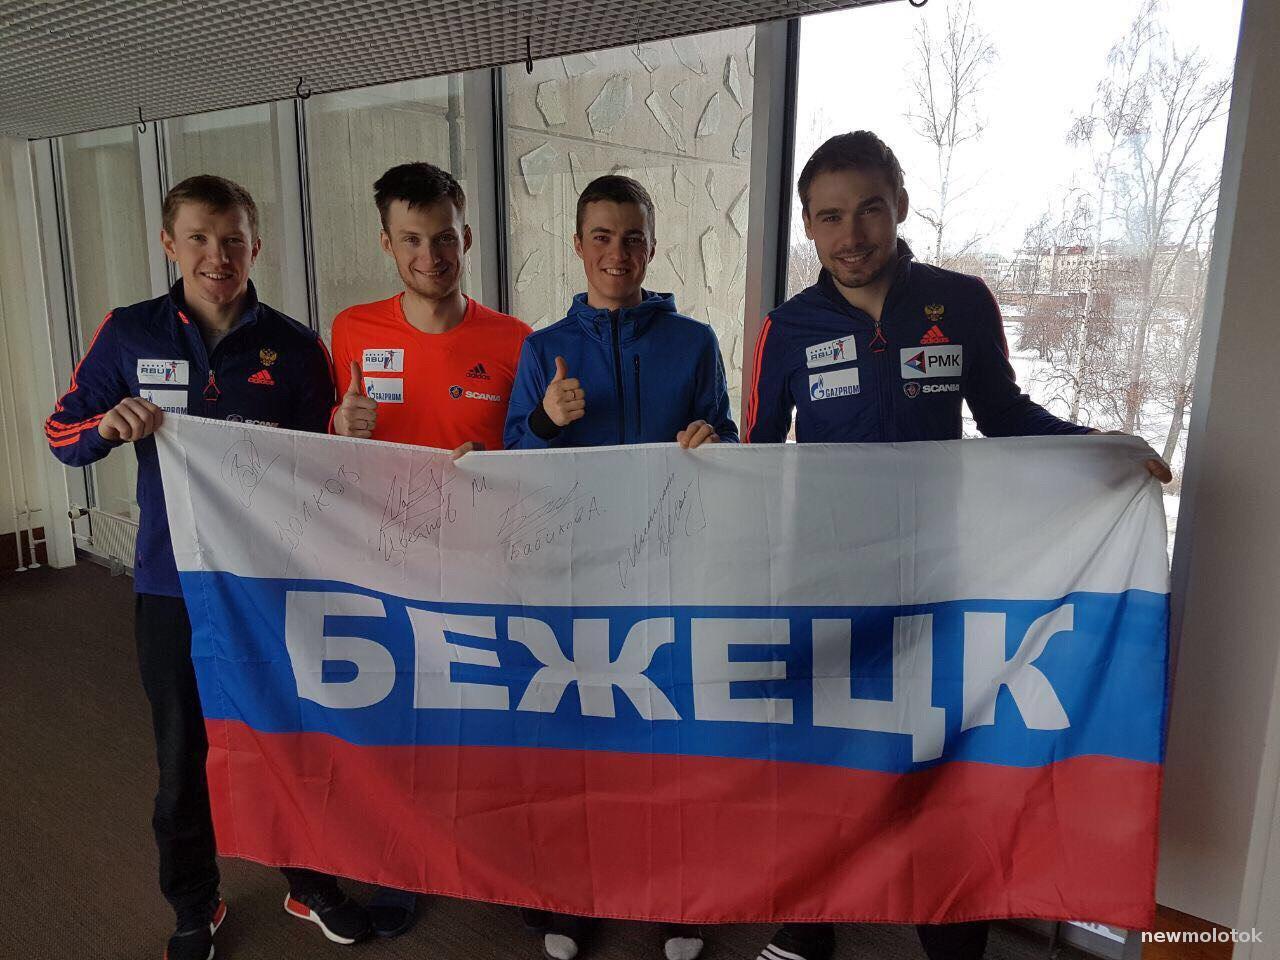 Зафлаг «Бежецк» отдали 165 тыс. руб. Собранные деньги пойдут наблаготворительность